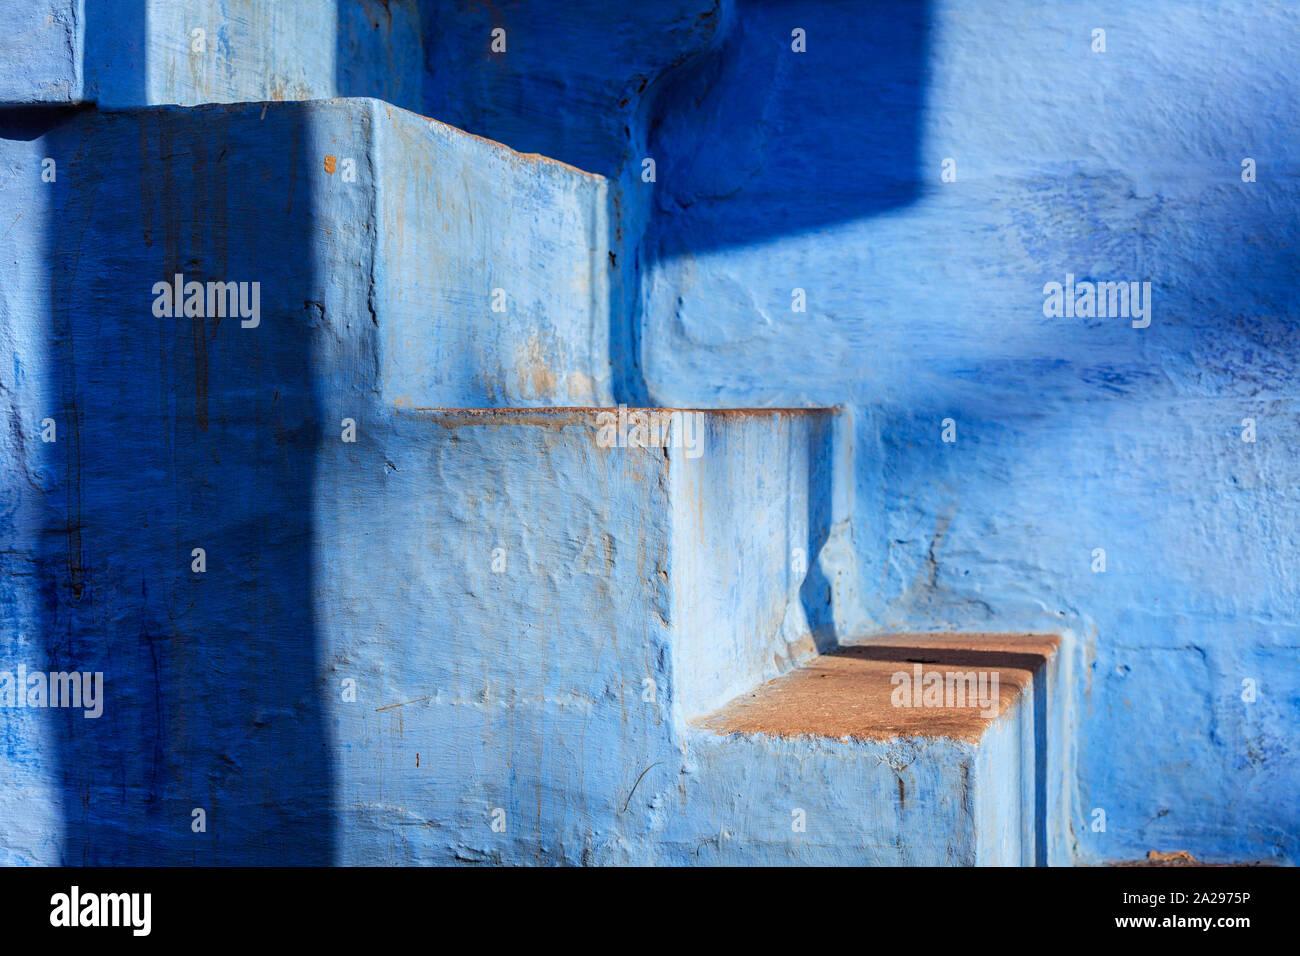 Escaliers de maison peinte en bleu à Jodhpur, ville bleue autour de Fort Mehrangarh. Jodphur, Rajasthan Banque D'Images